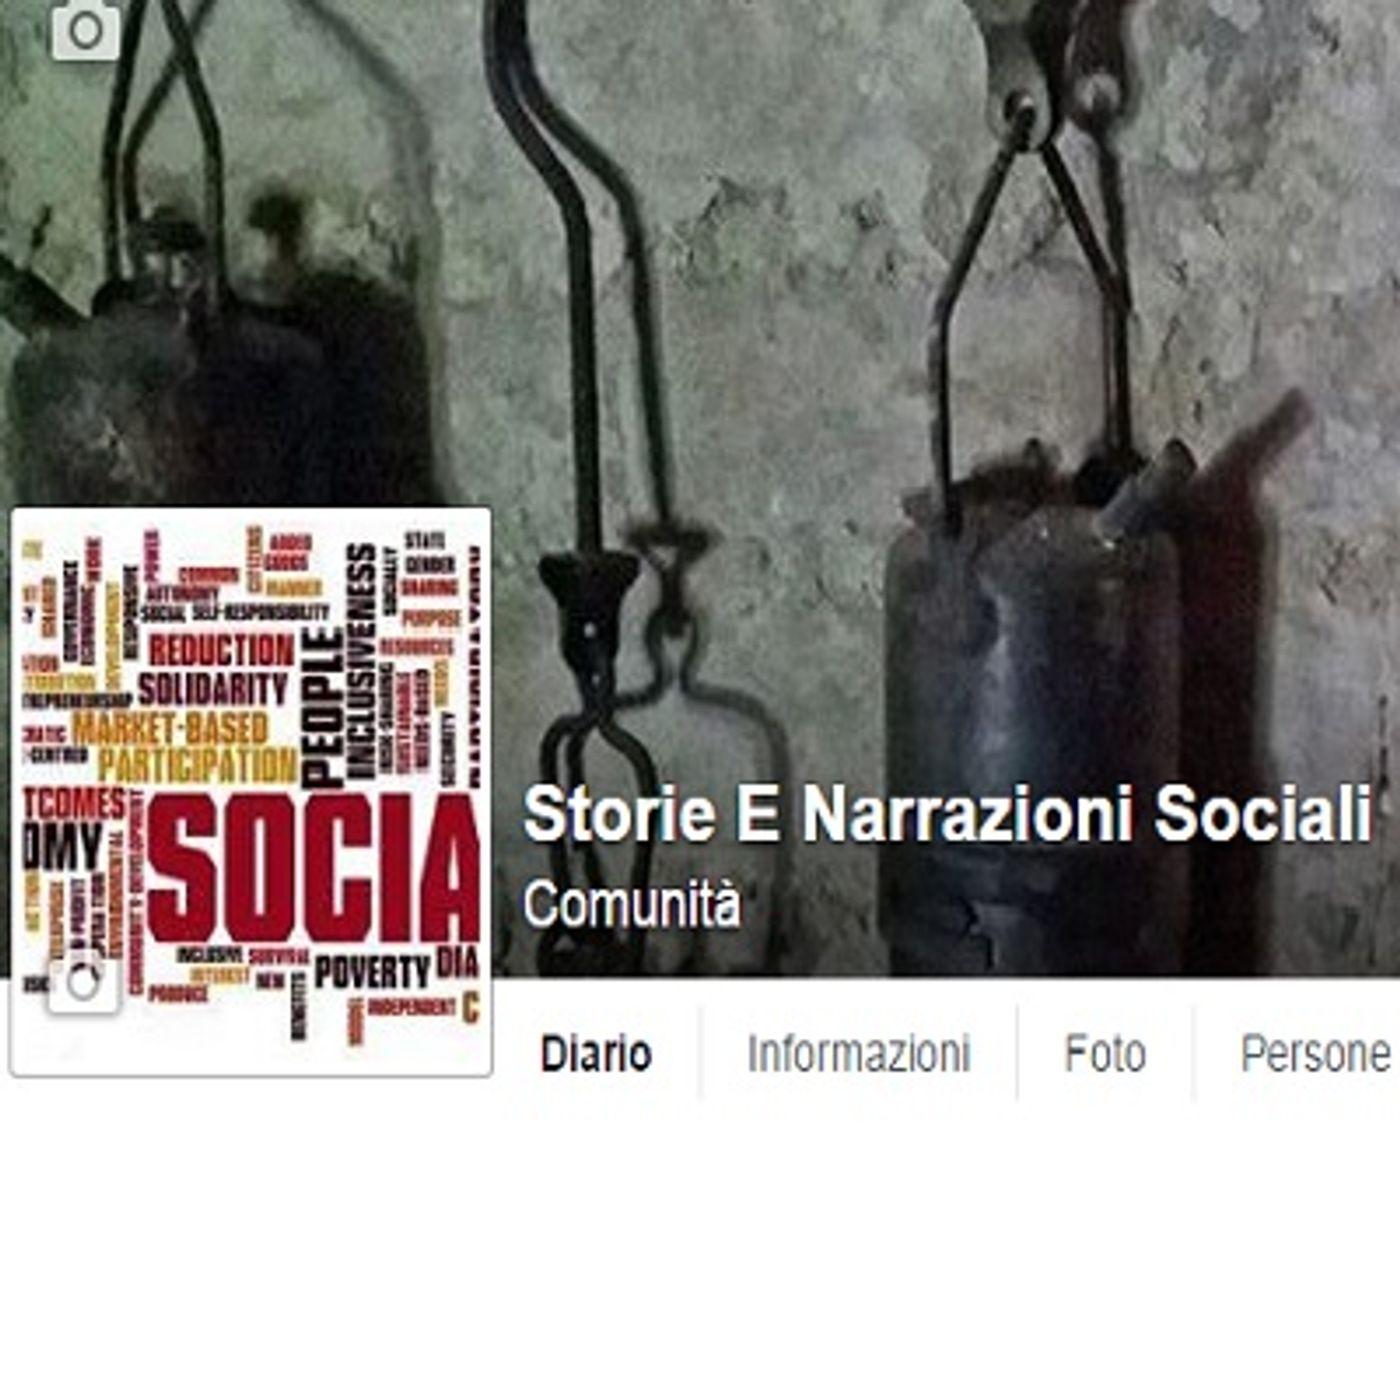 storie e narrazioni sociali